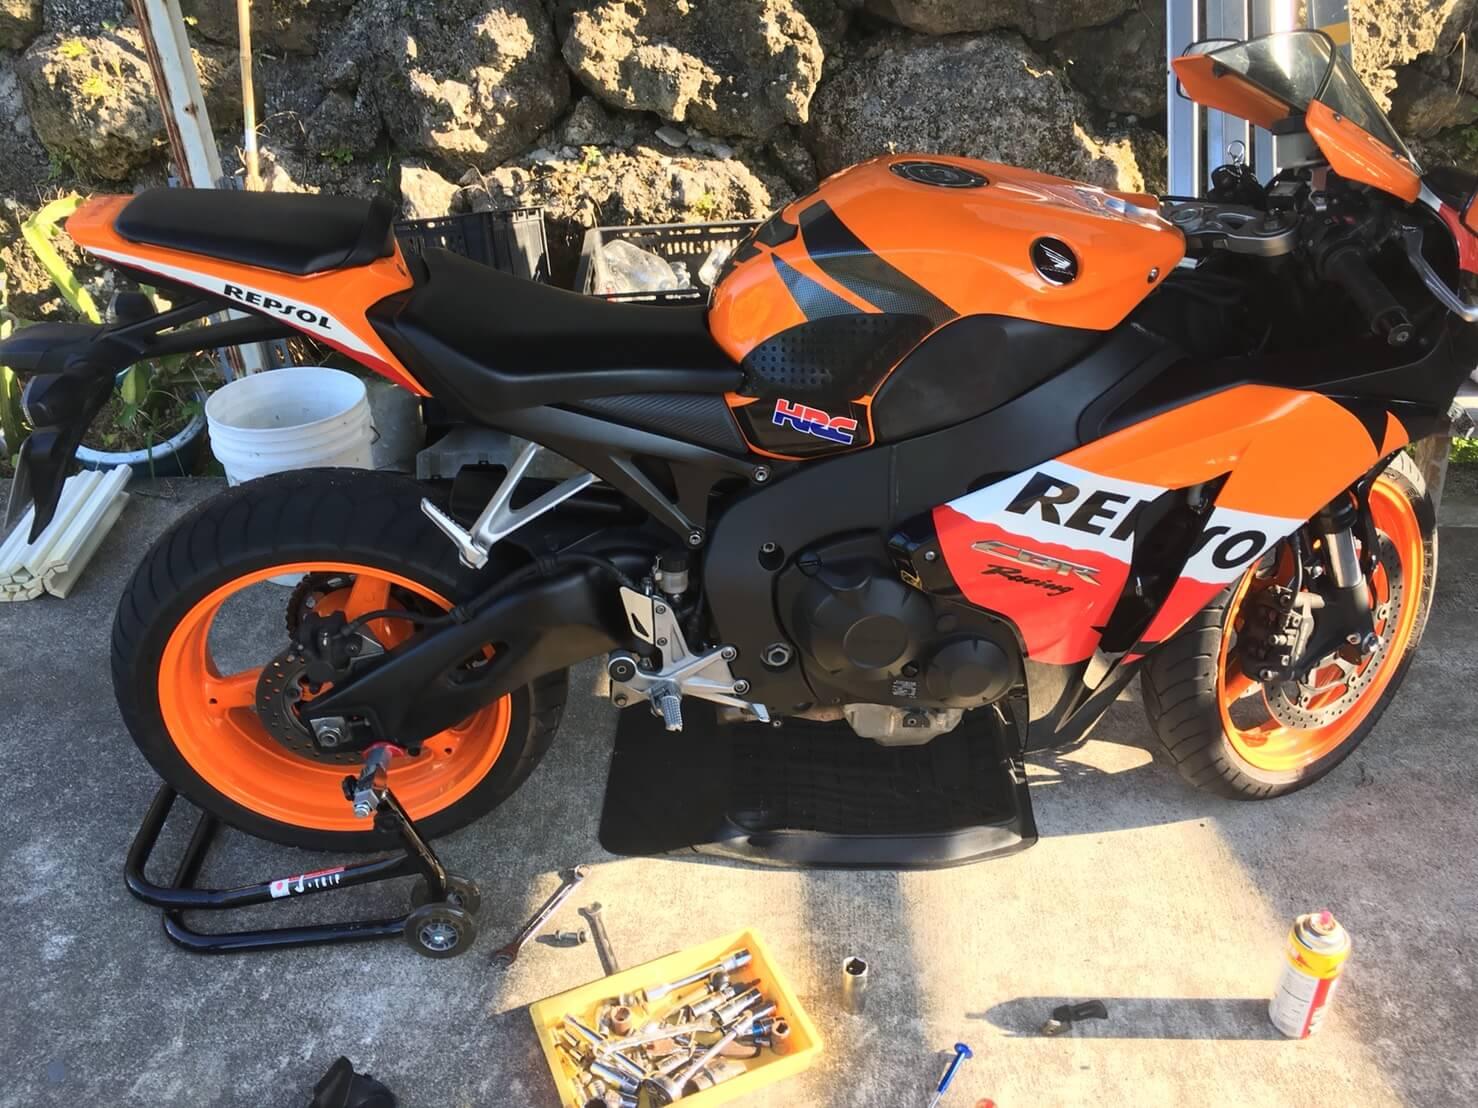 CBR1000RRを一旦降り、新しいバイクを買うことにしました!